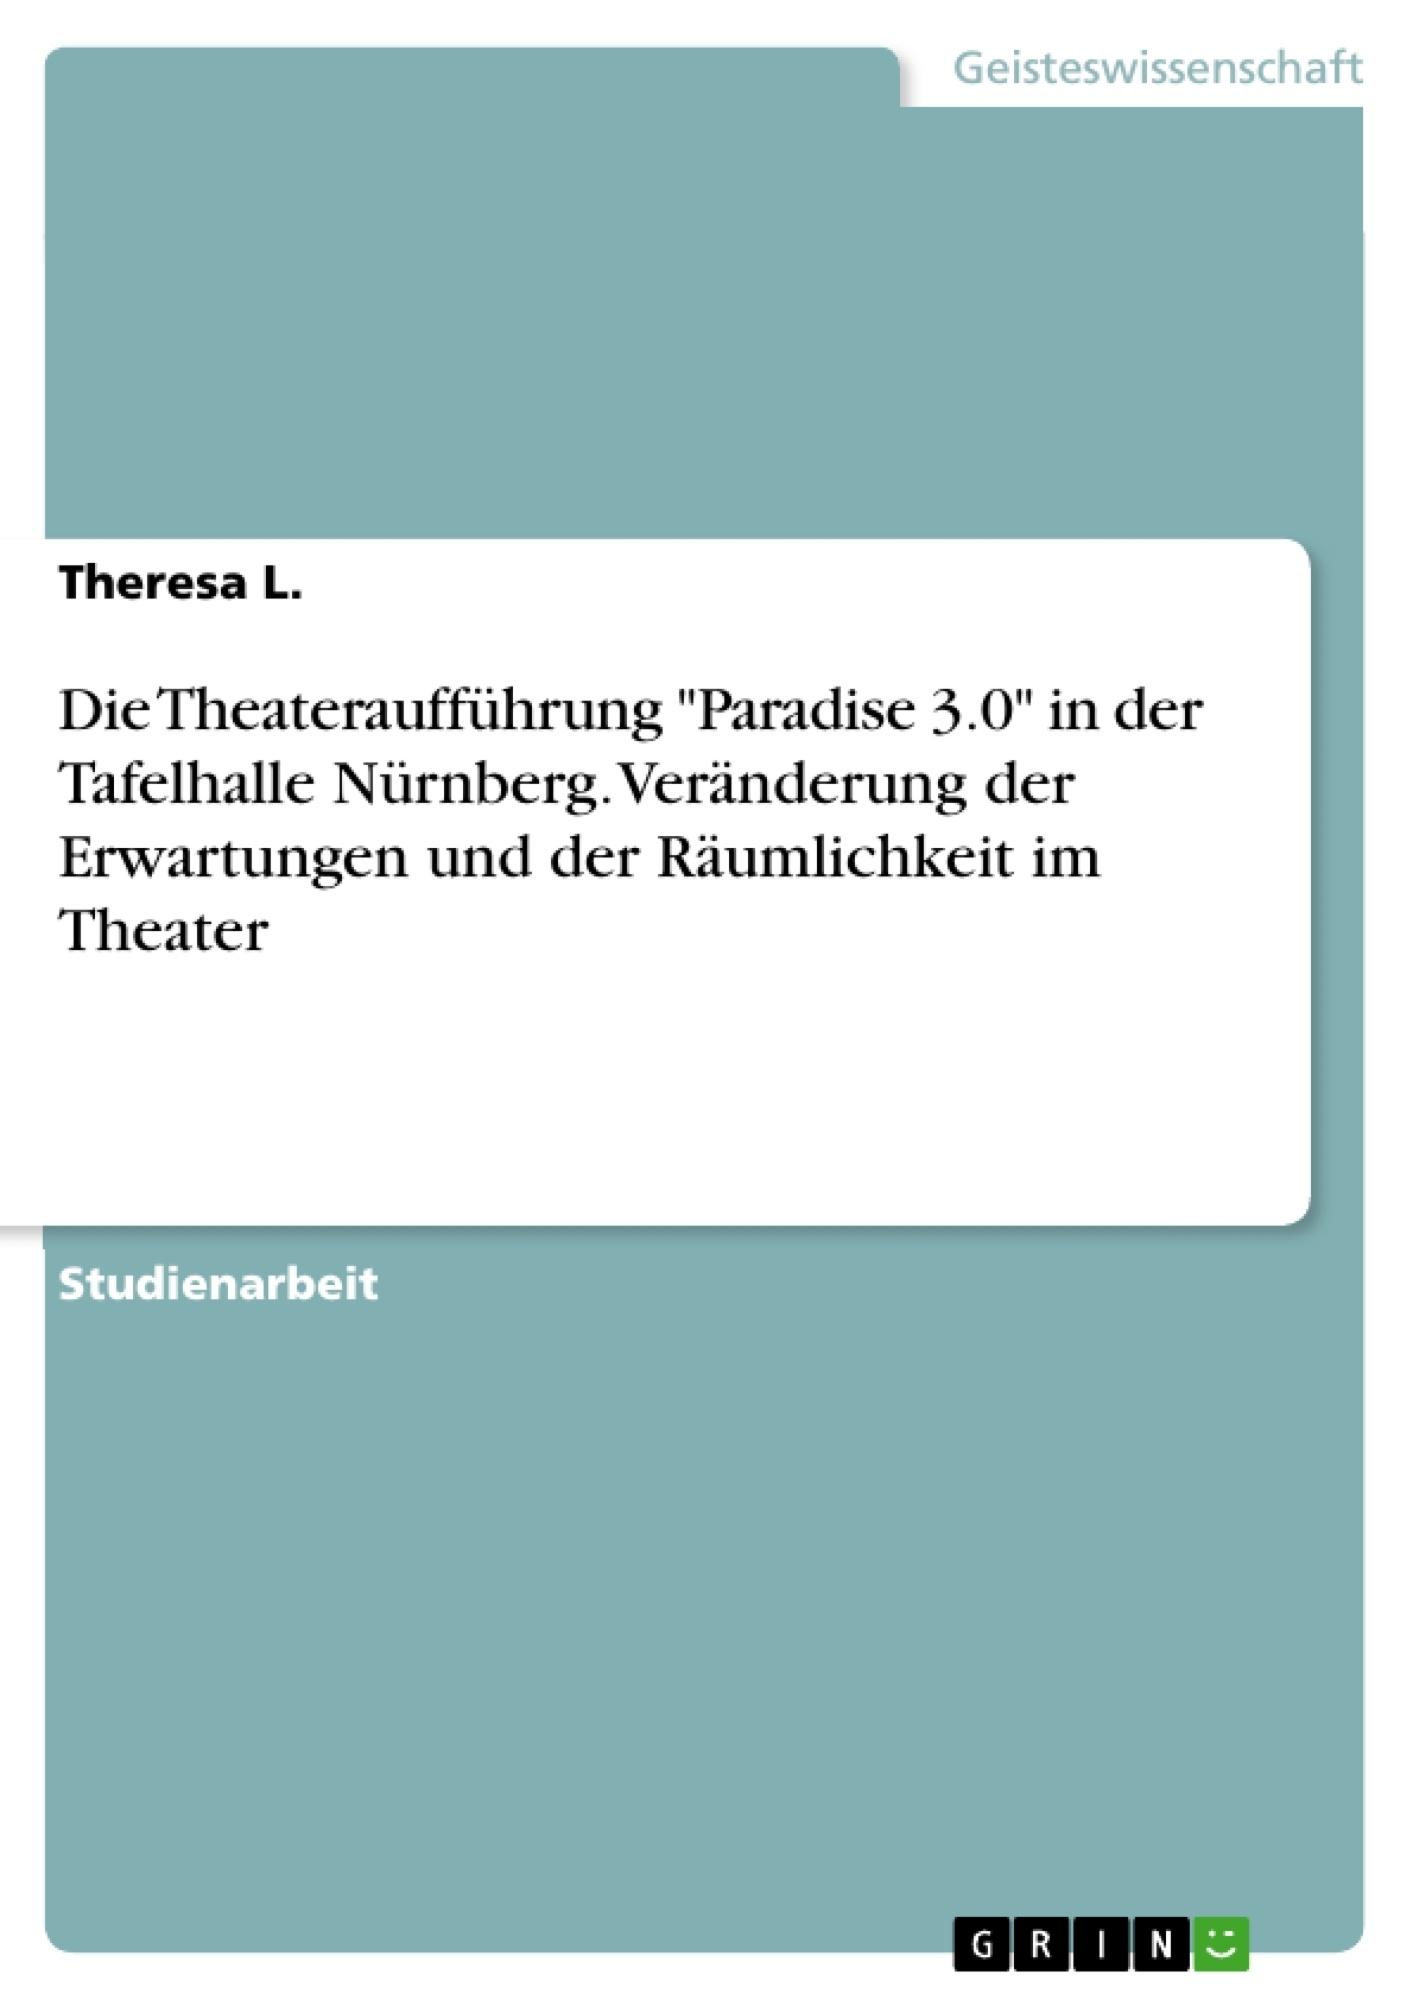 """Titel: Die Theateraufführung """"Paradise 3.0"""" in der Tafelhalle Nürnberg. Veränderung der Erwartungen und der Räumlichkeit im Theater"""